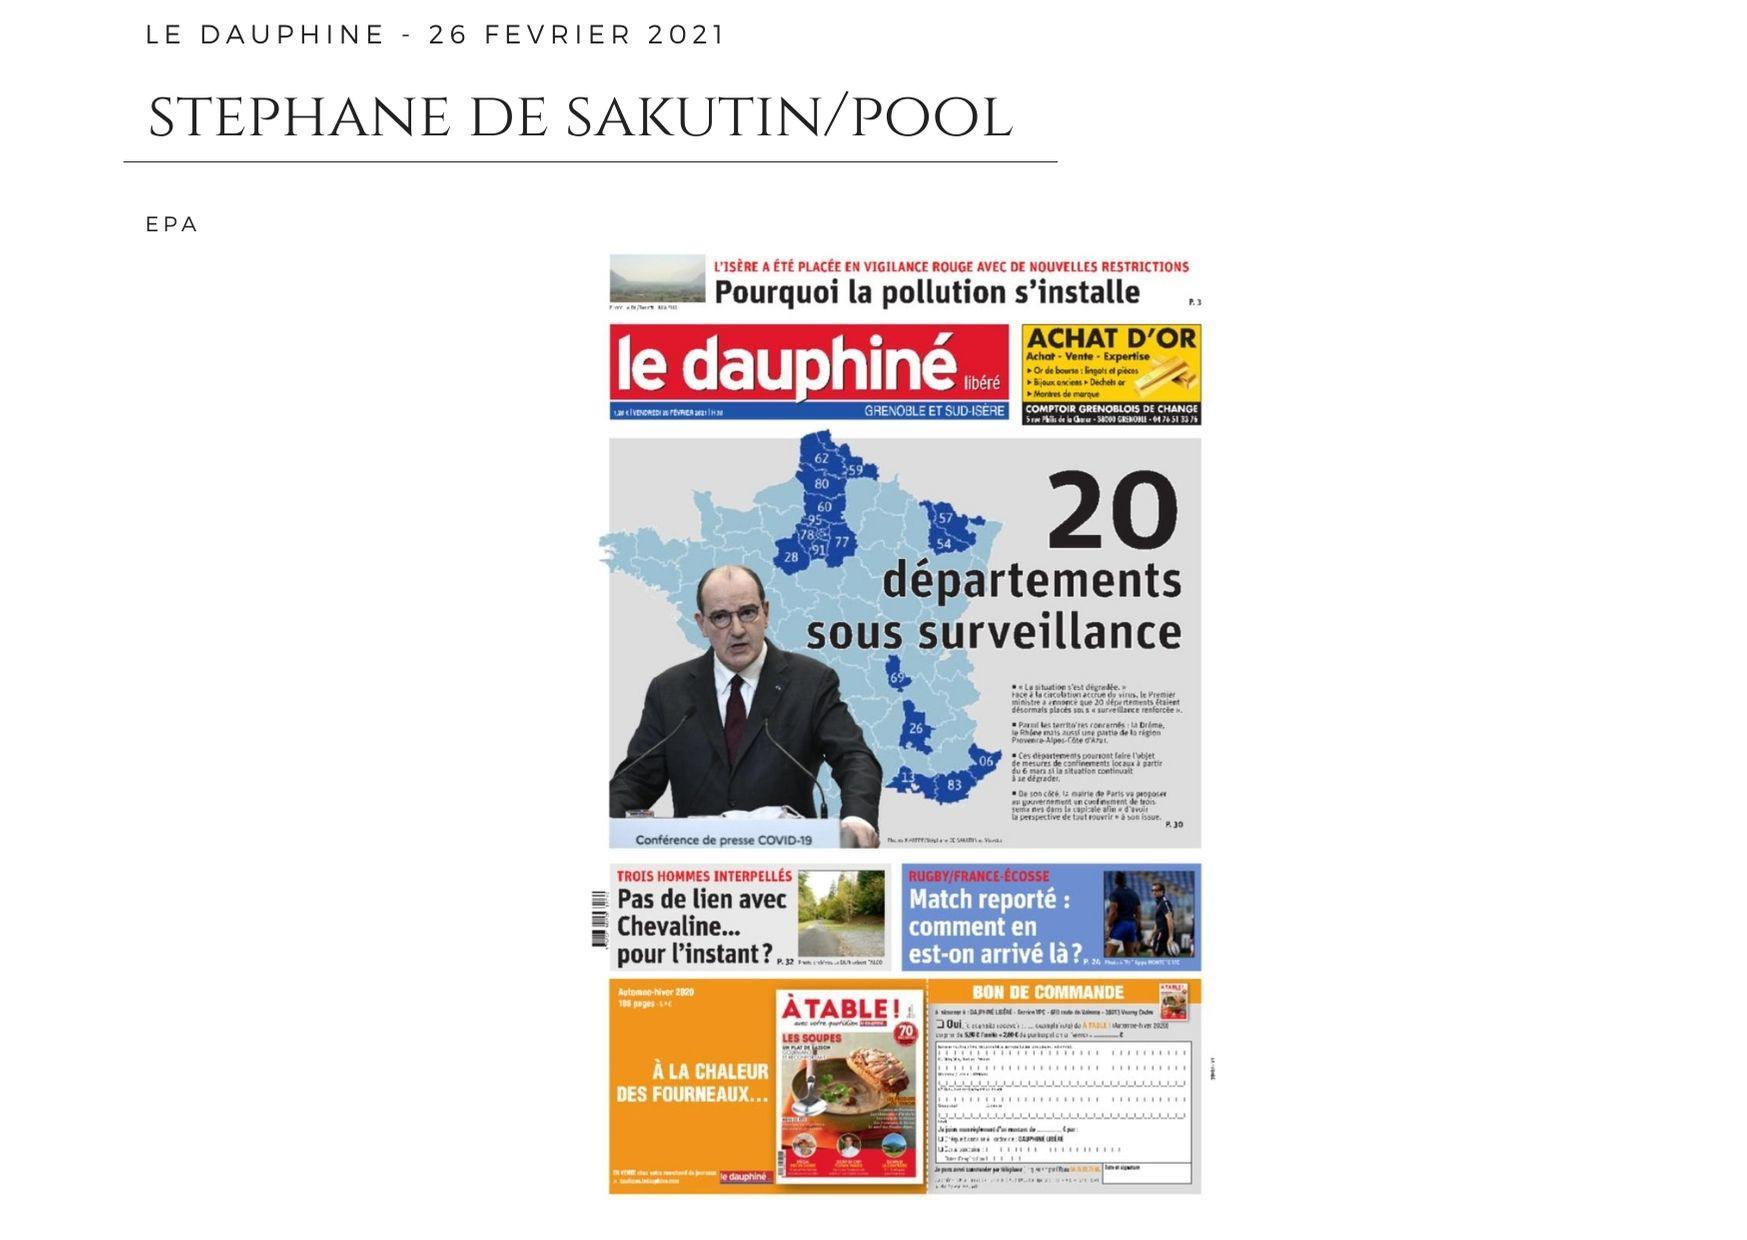 Le Dauphiné - 26 février 2021